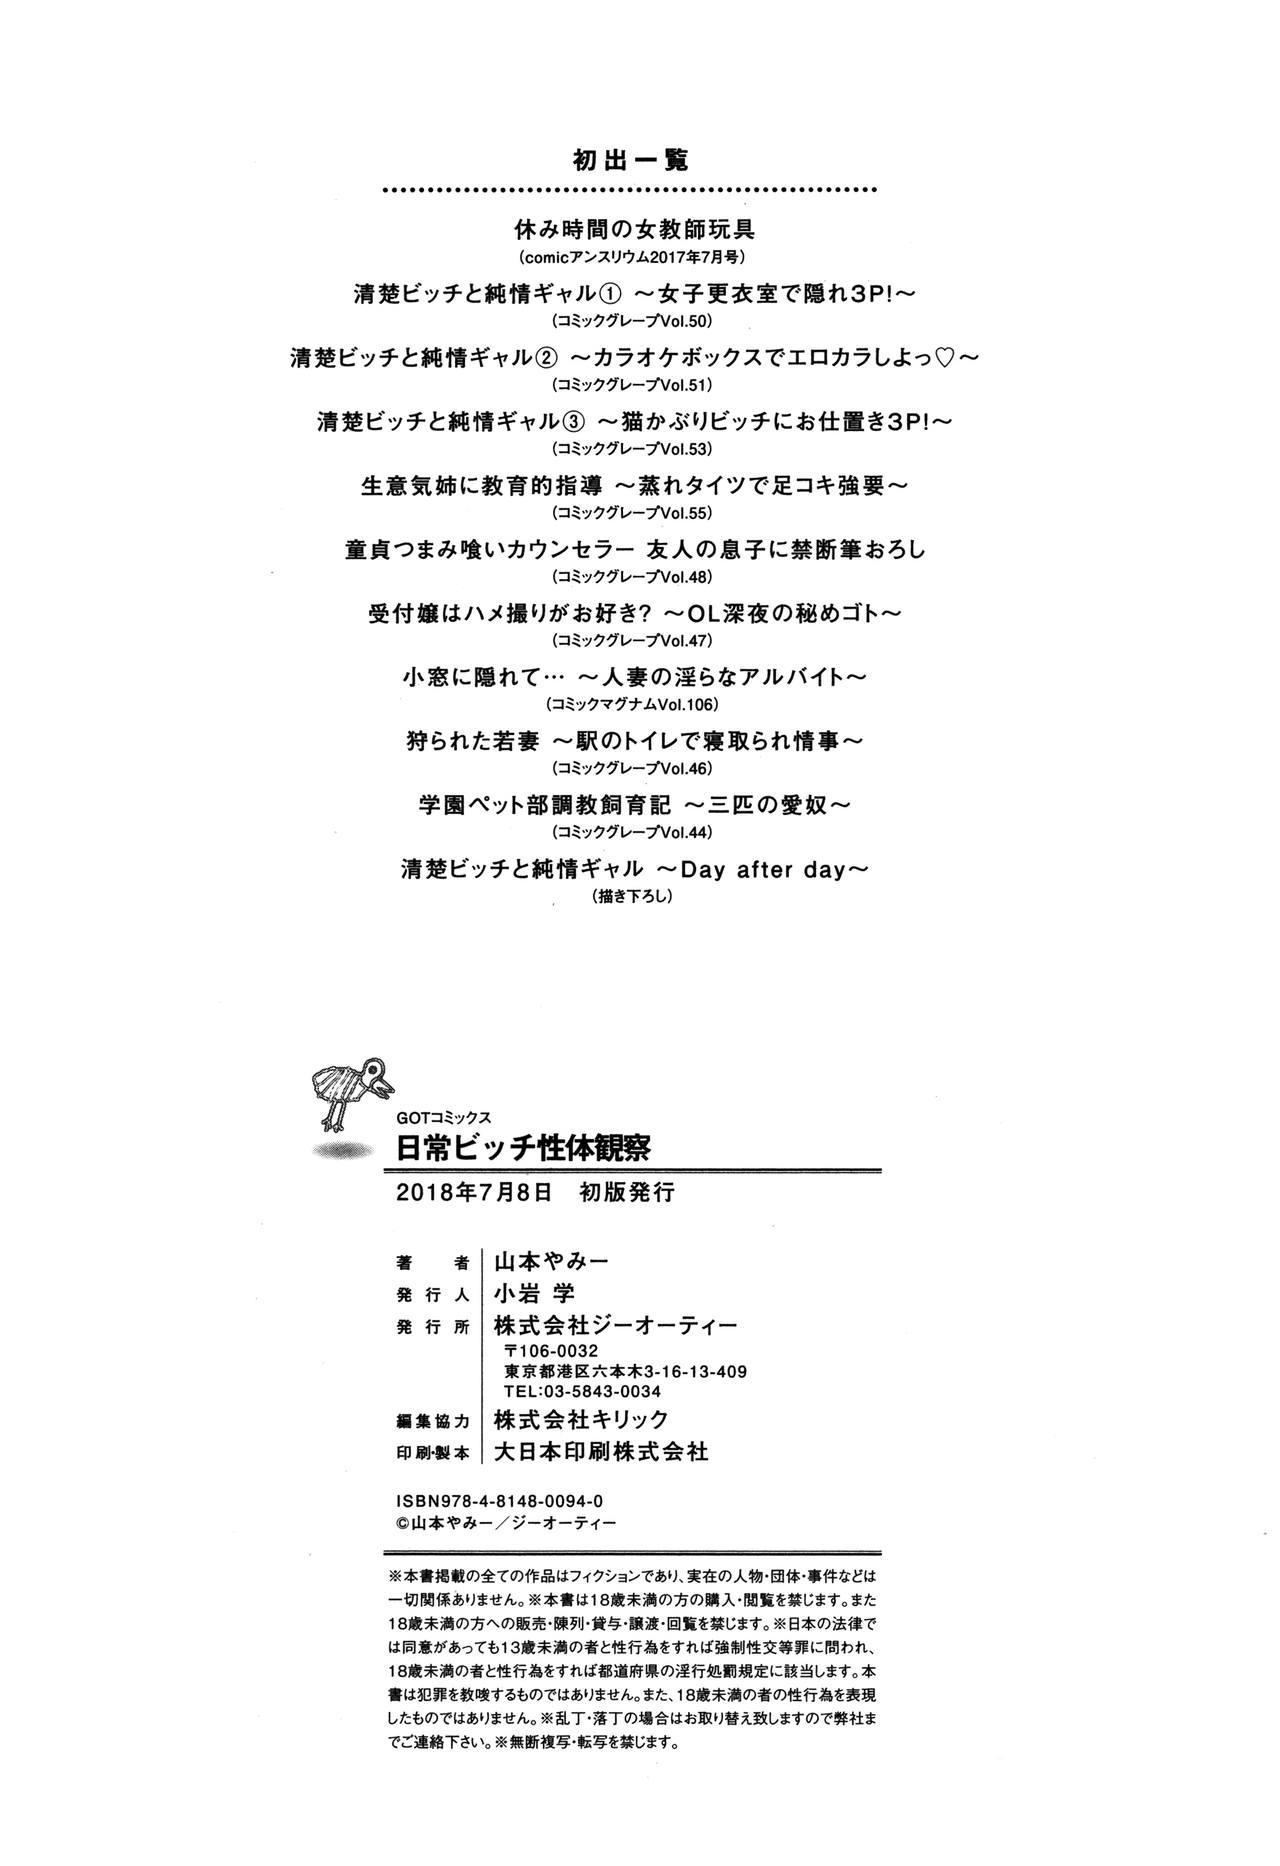 Nichijou Bitch Seitai Kansatsu 228